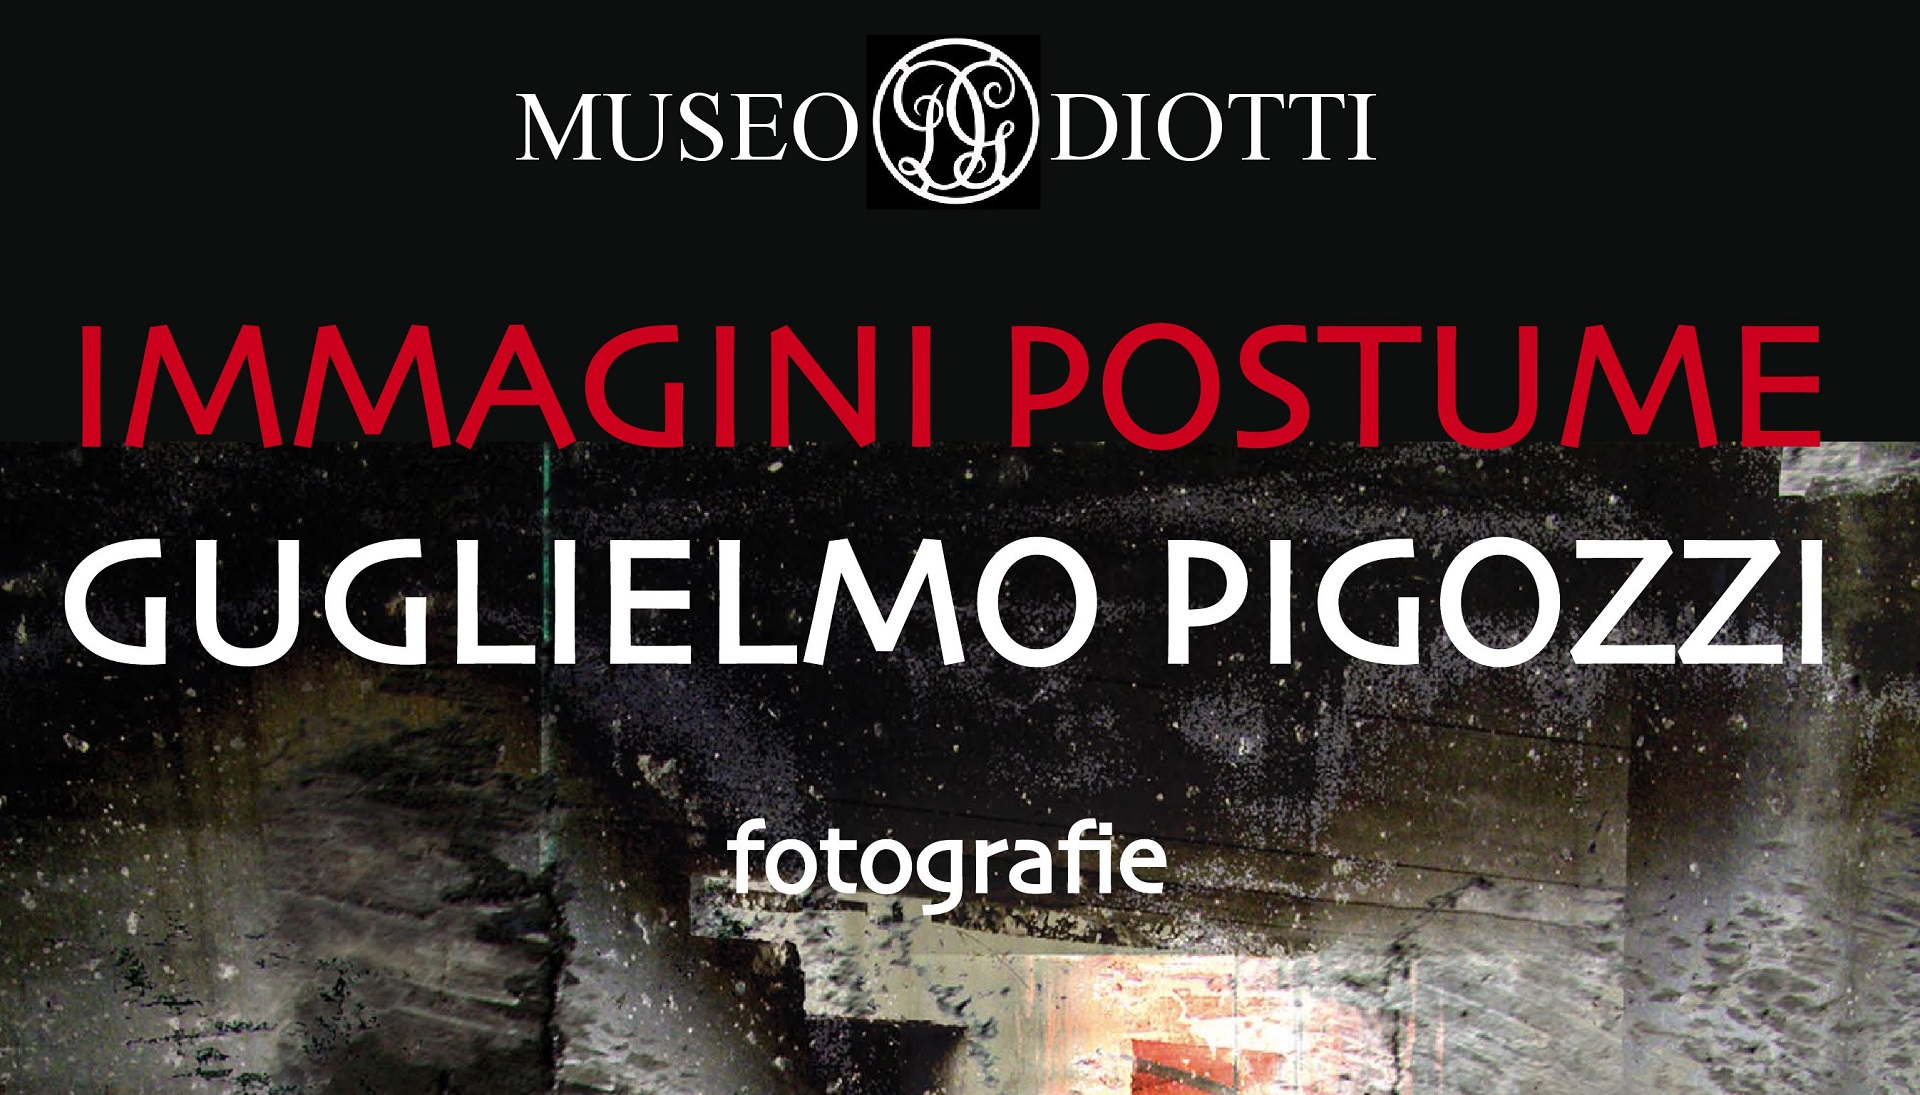 Immagini postume. Guglielmo Pigozzi al Museo Diotti